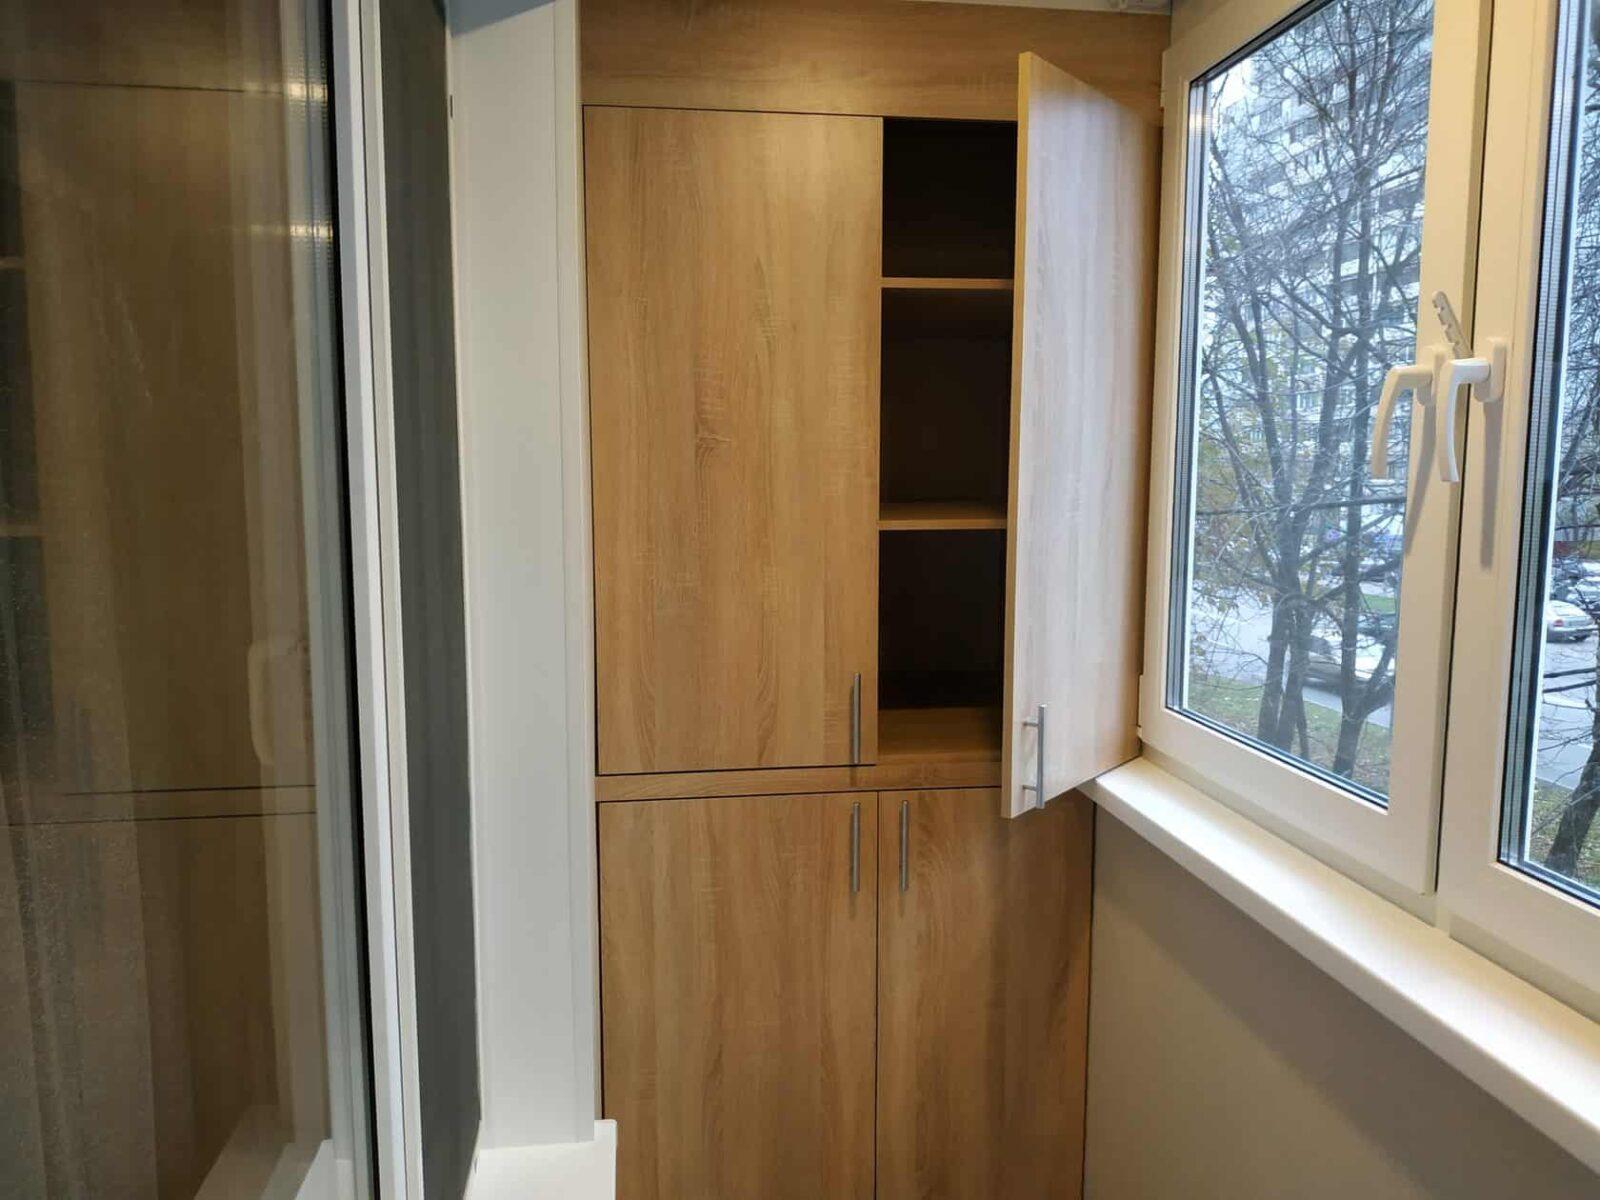 Установка шкафов на балконе со скидкой